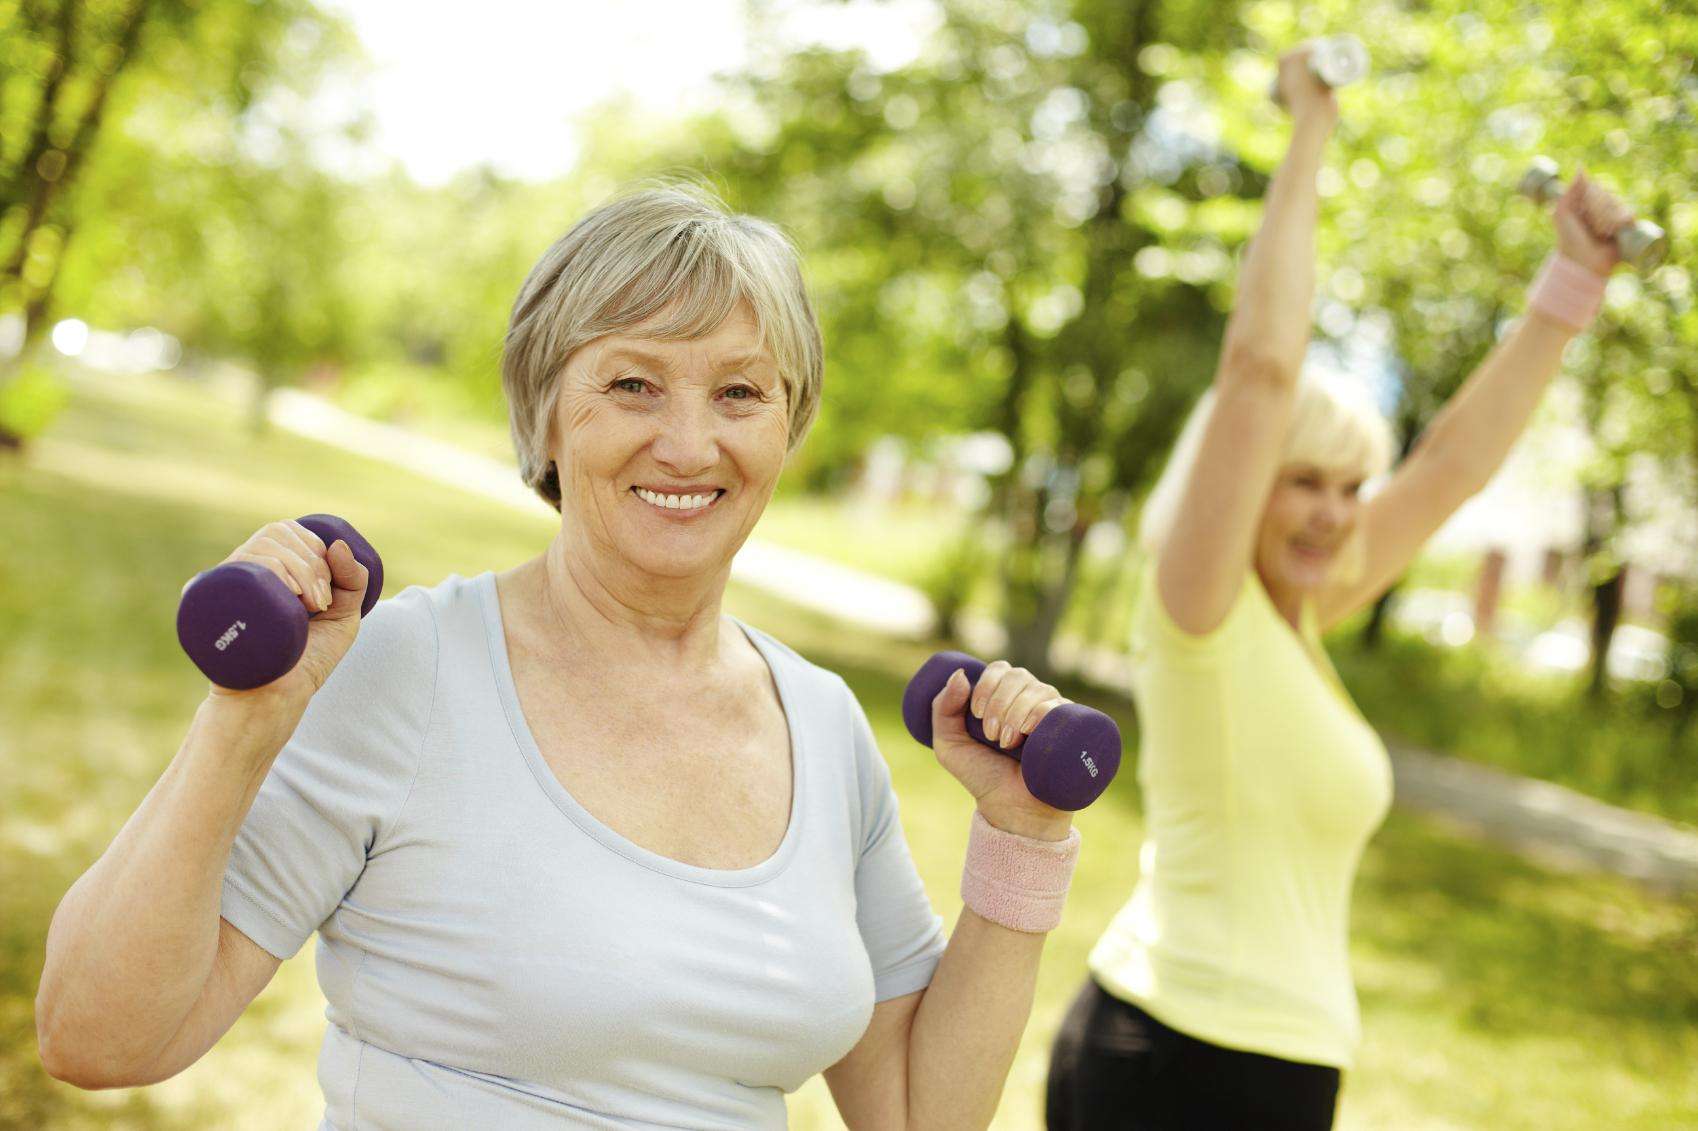 занятие спортом для укрепления иммунитета